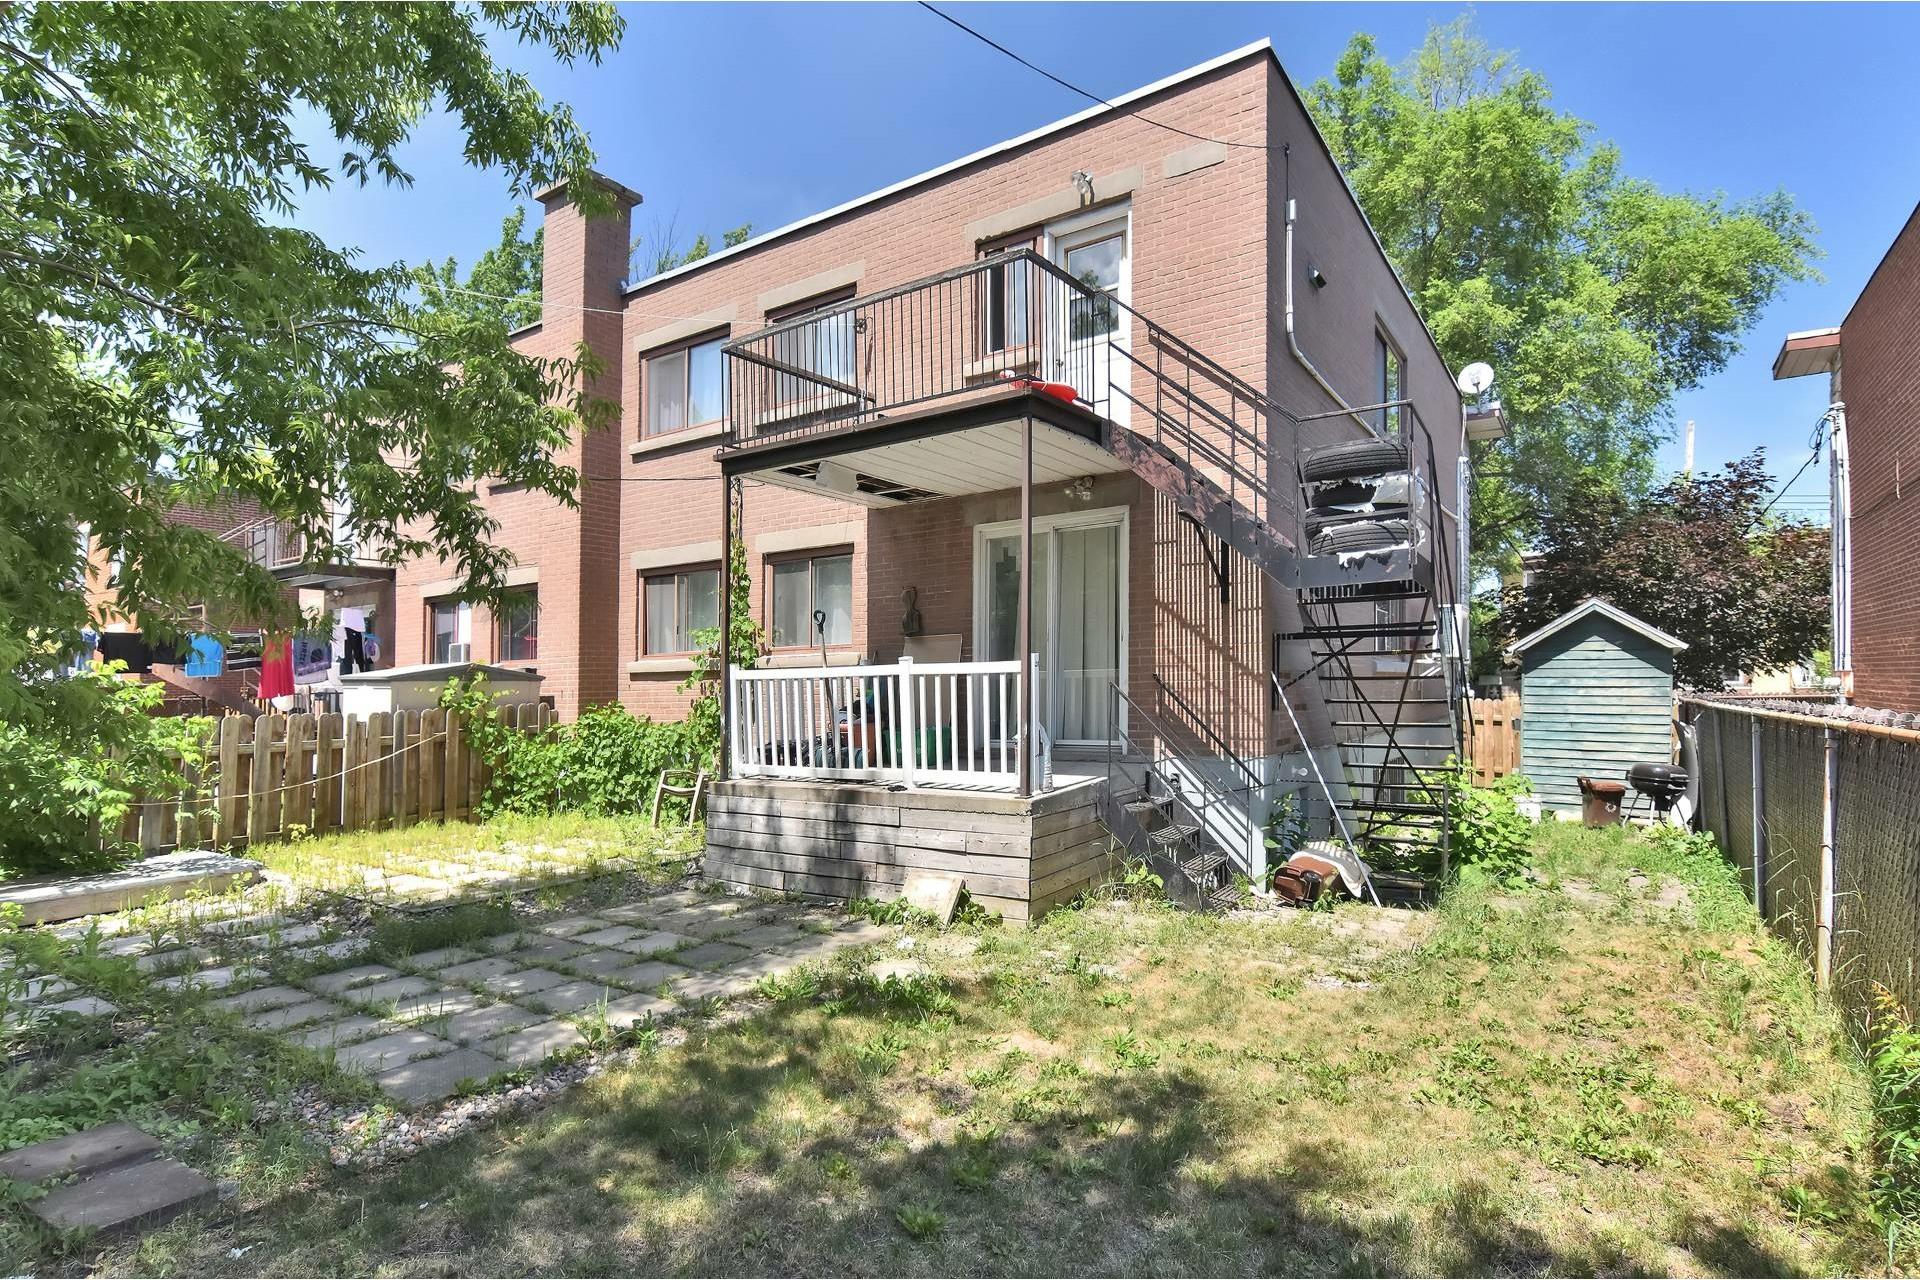 image 21 - Duplex For sale Rivière-des-Prairies/Pointe-aux-Trembles Montréal  - 5 rooms